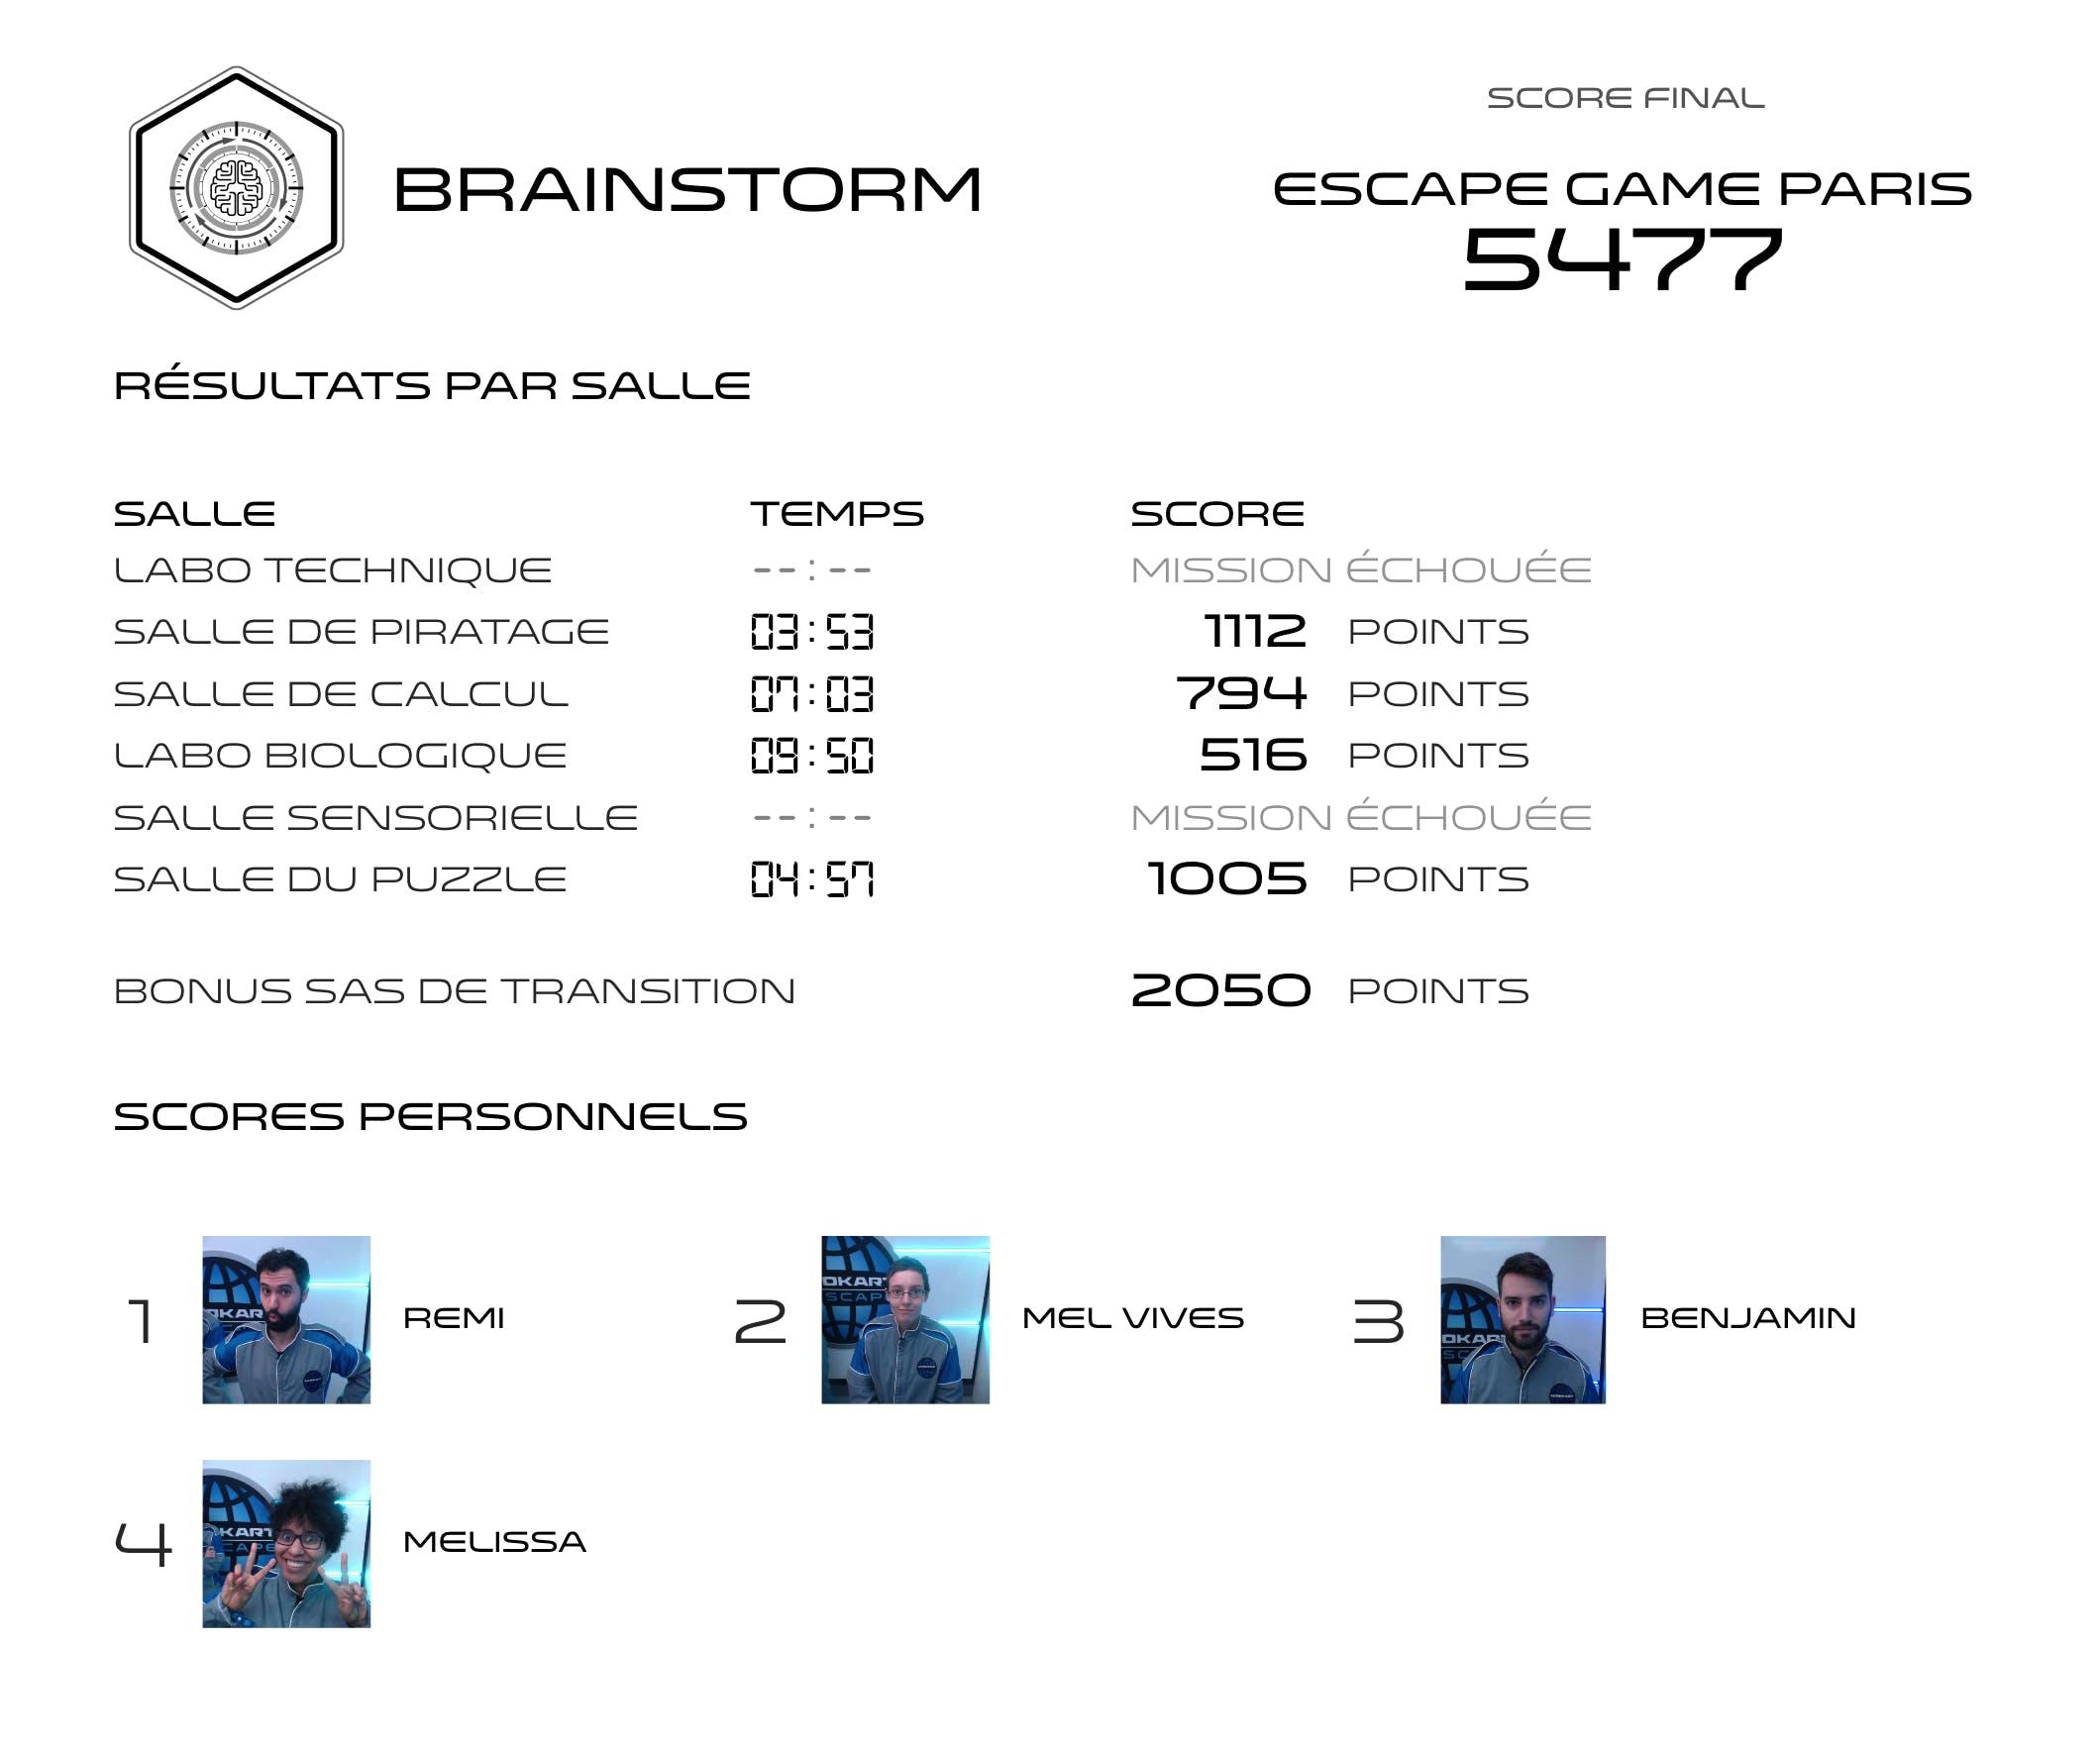 Score de l'équipe d'Escape Game Paris pour le parcours Brainstorm de Winscape